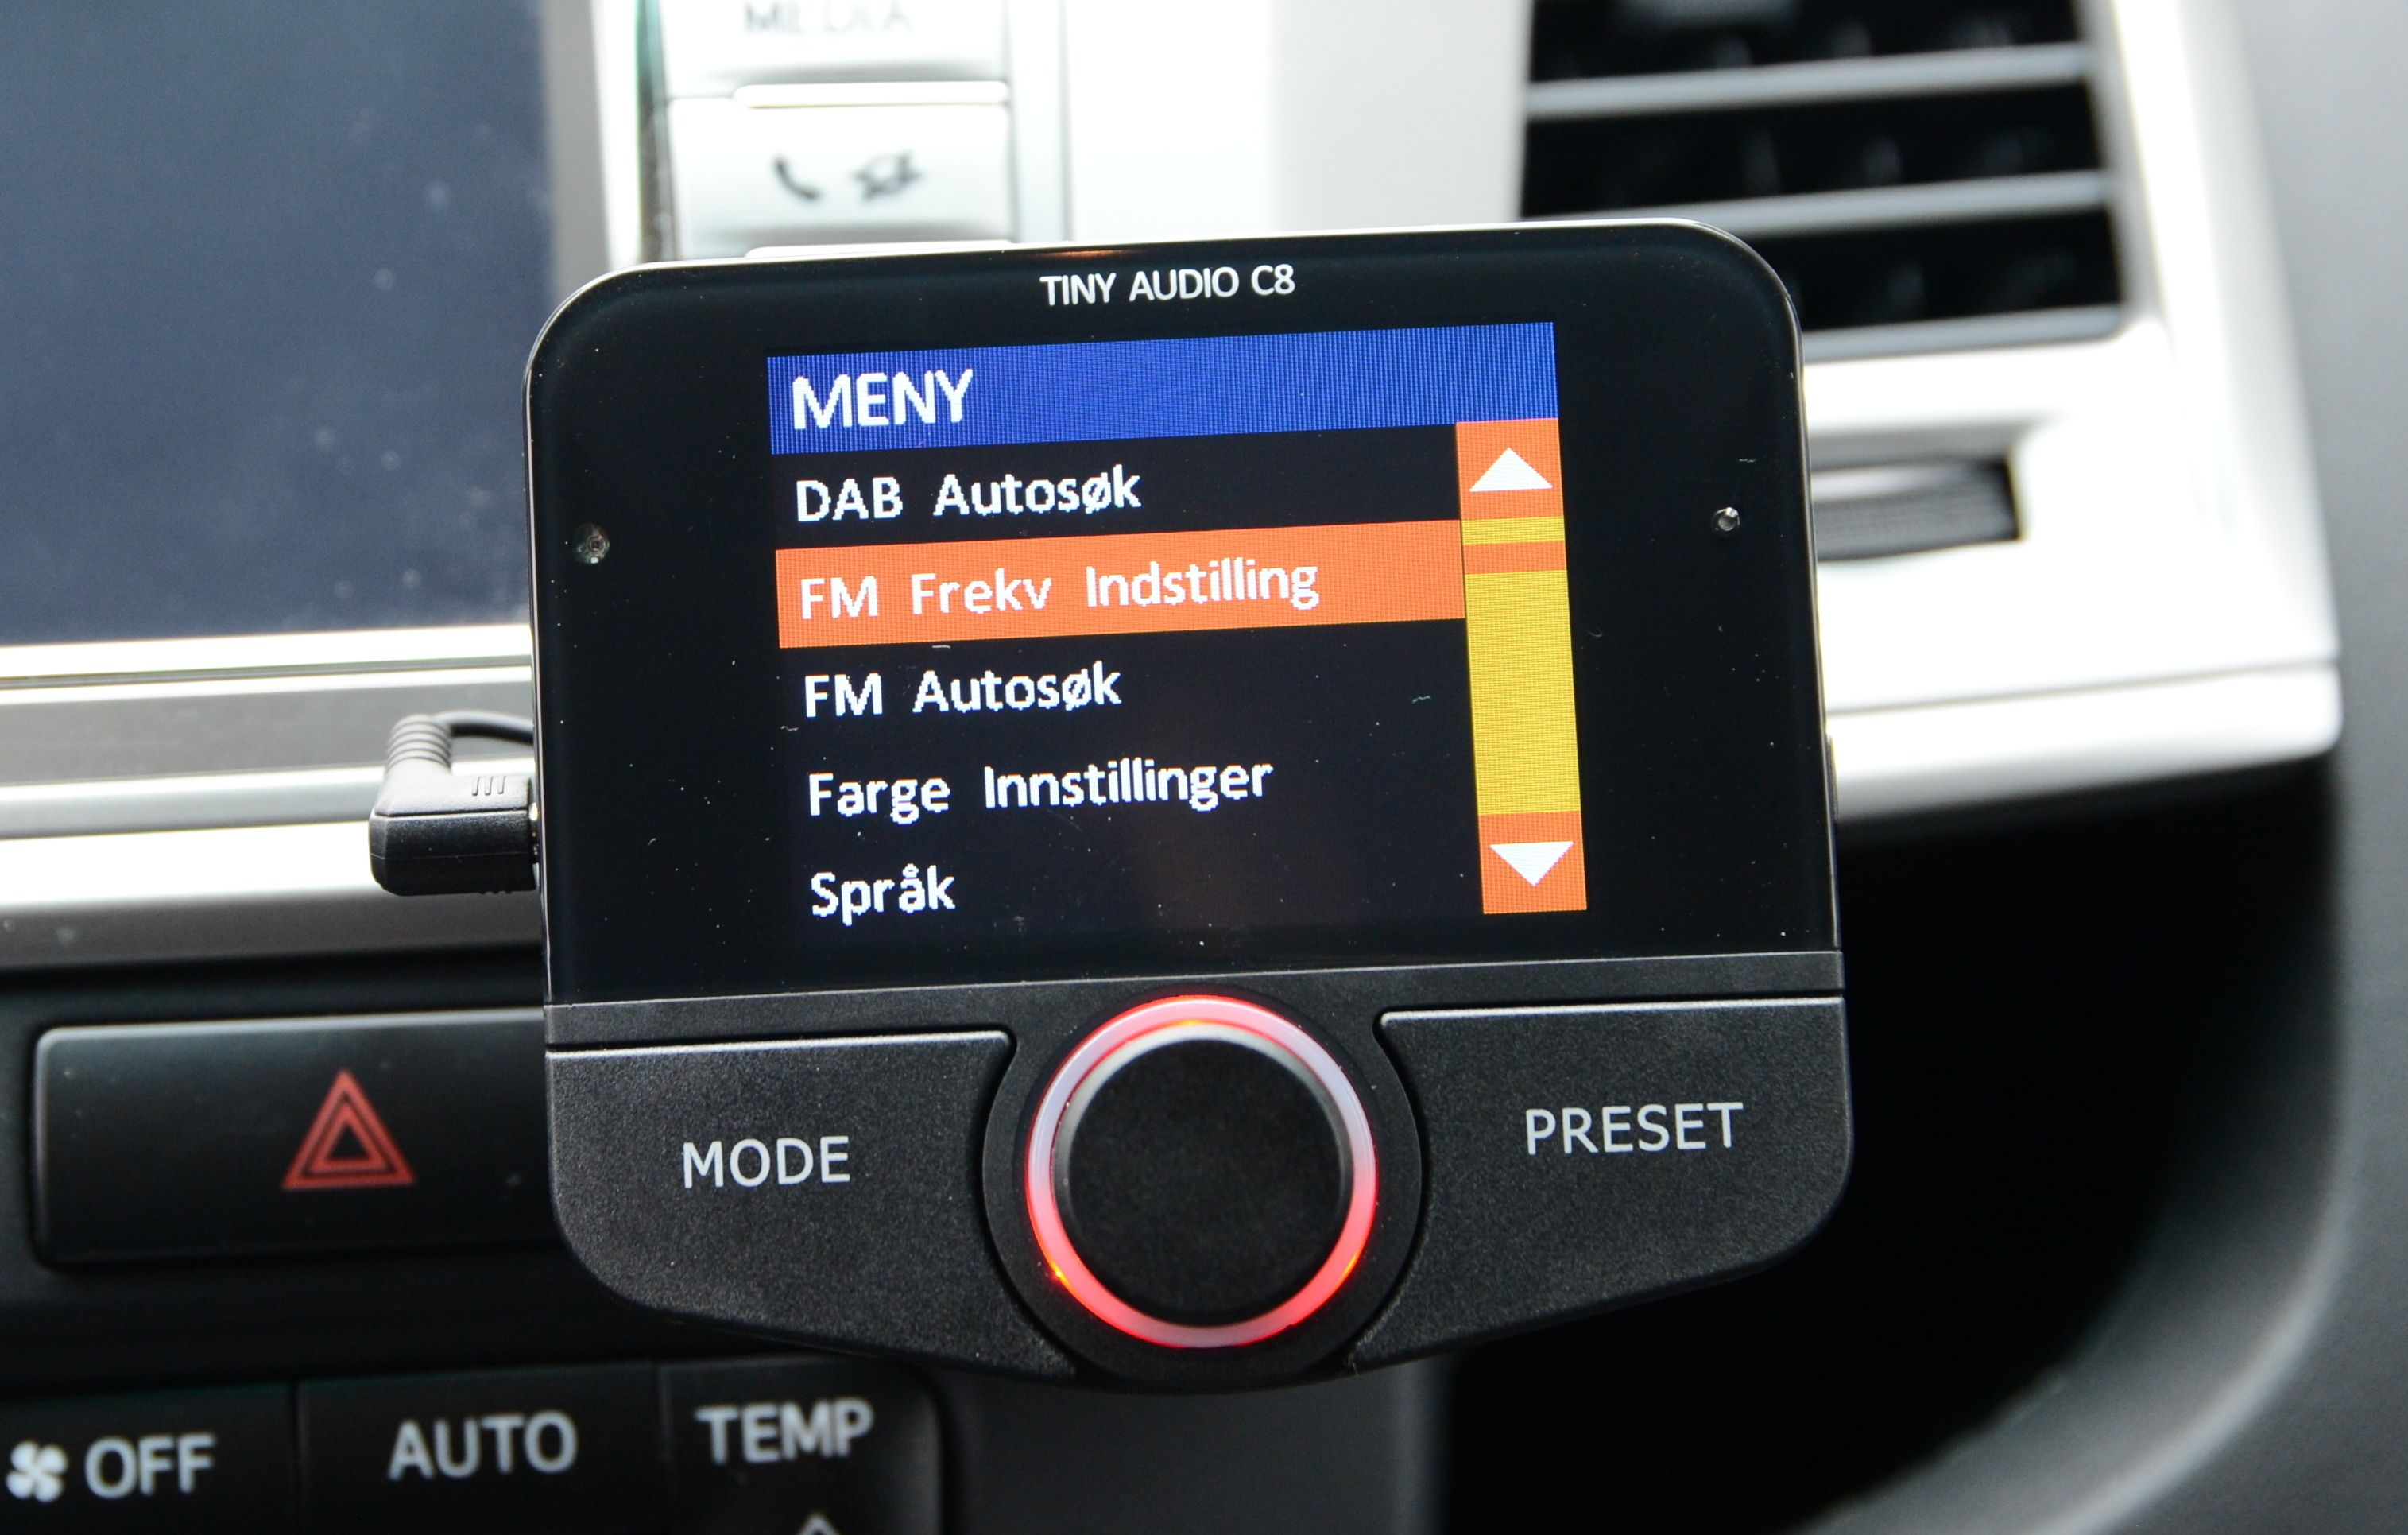 Alle adaptere sender et FM-signal, og innstillingene for dette finner du blant i menyen.